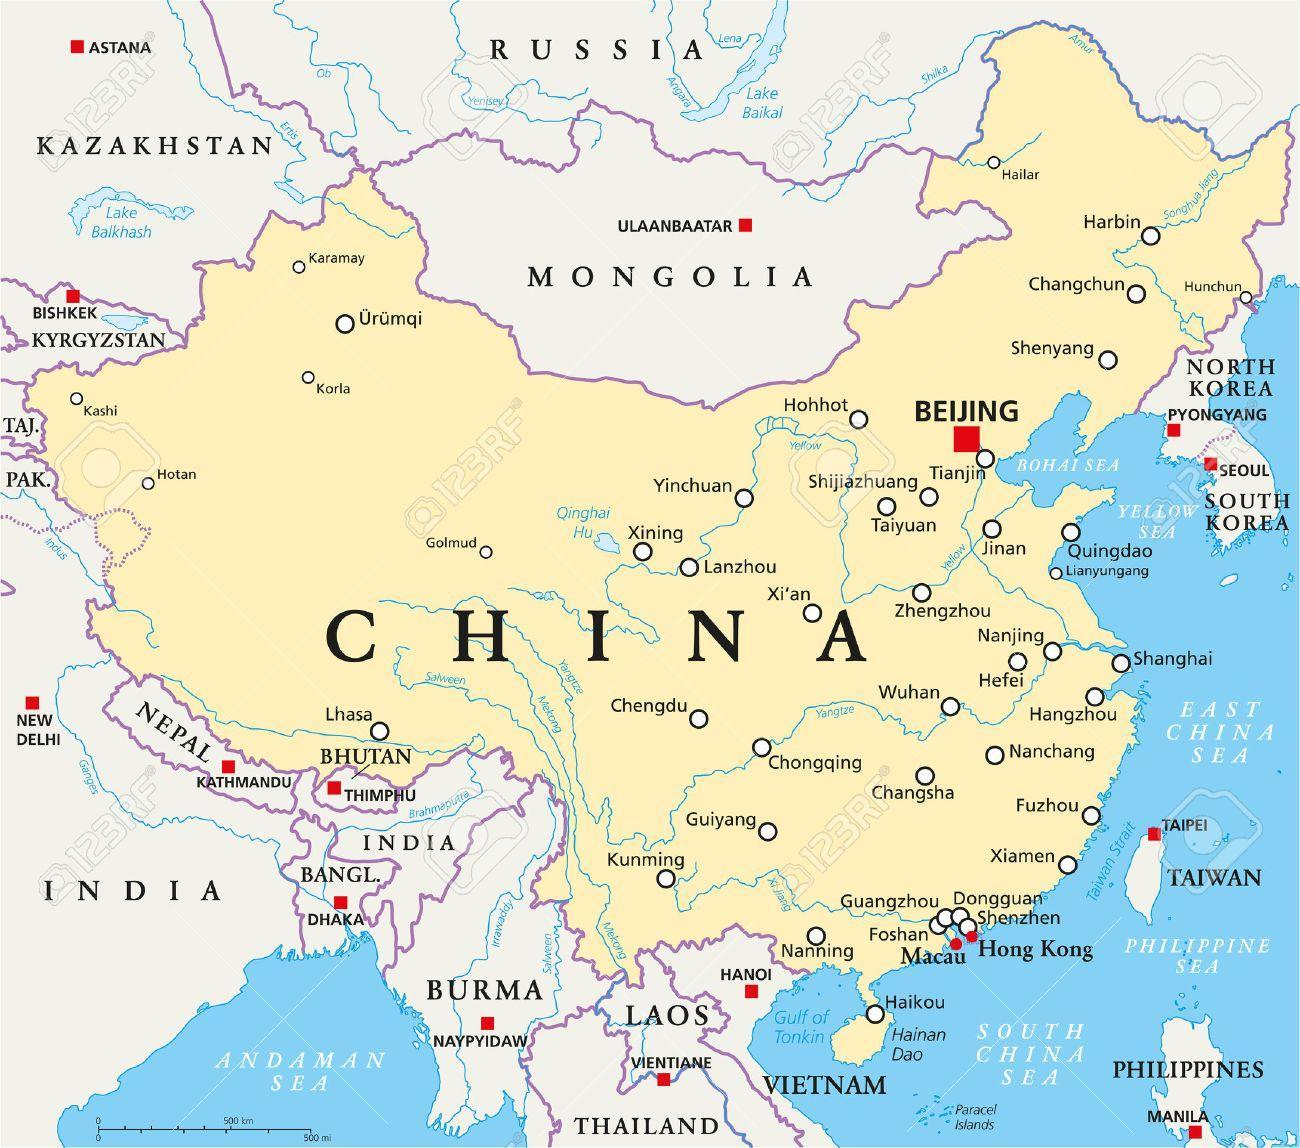 kina kart Hovedstaden i Kina kart   Kina hovedstaden kart (Øst Asia   Asia) kina kart